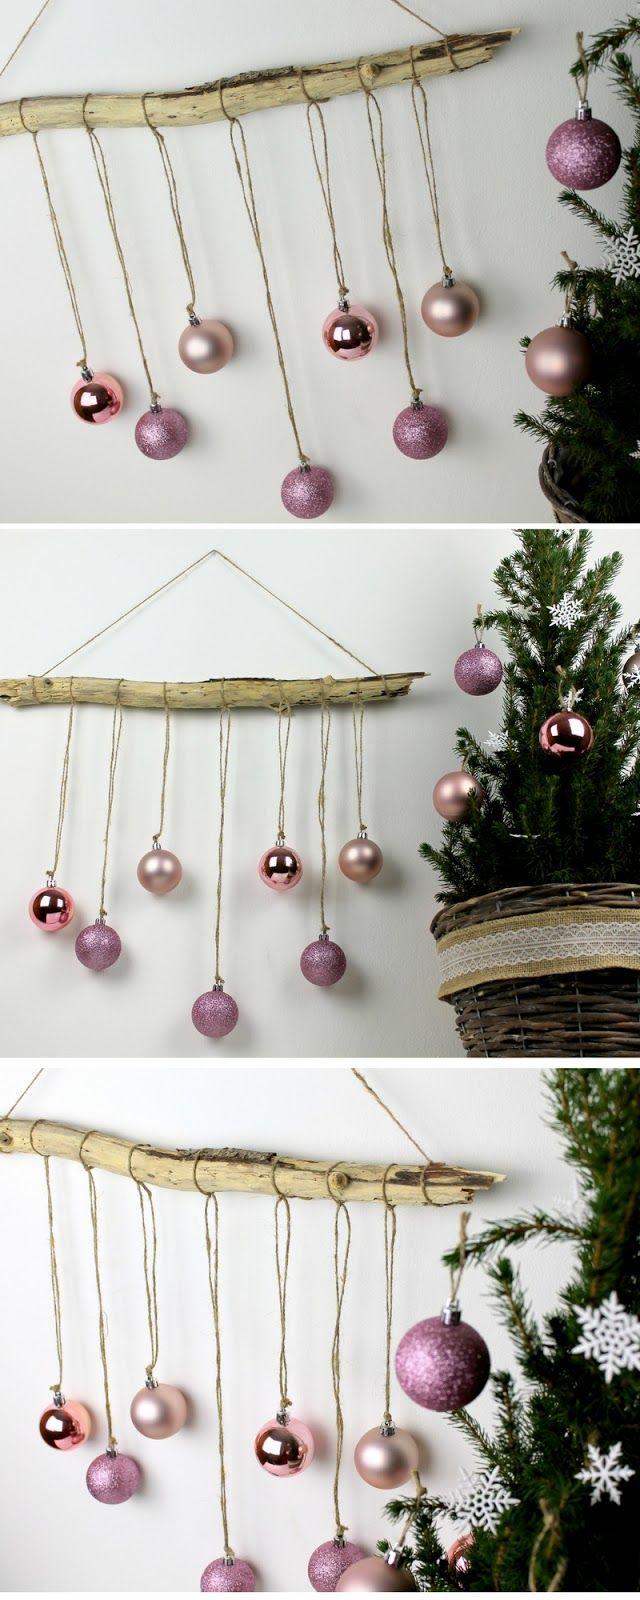 DIY weihnachtliche Wanddeko aus Treibholz + Christbaumkugeln basteln #weihnachtlichefensterdeko